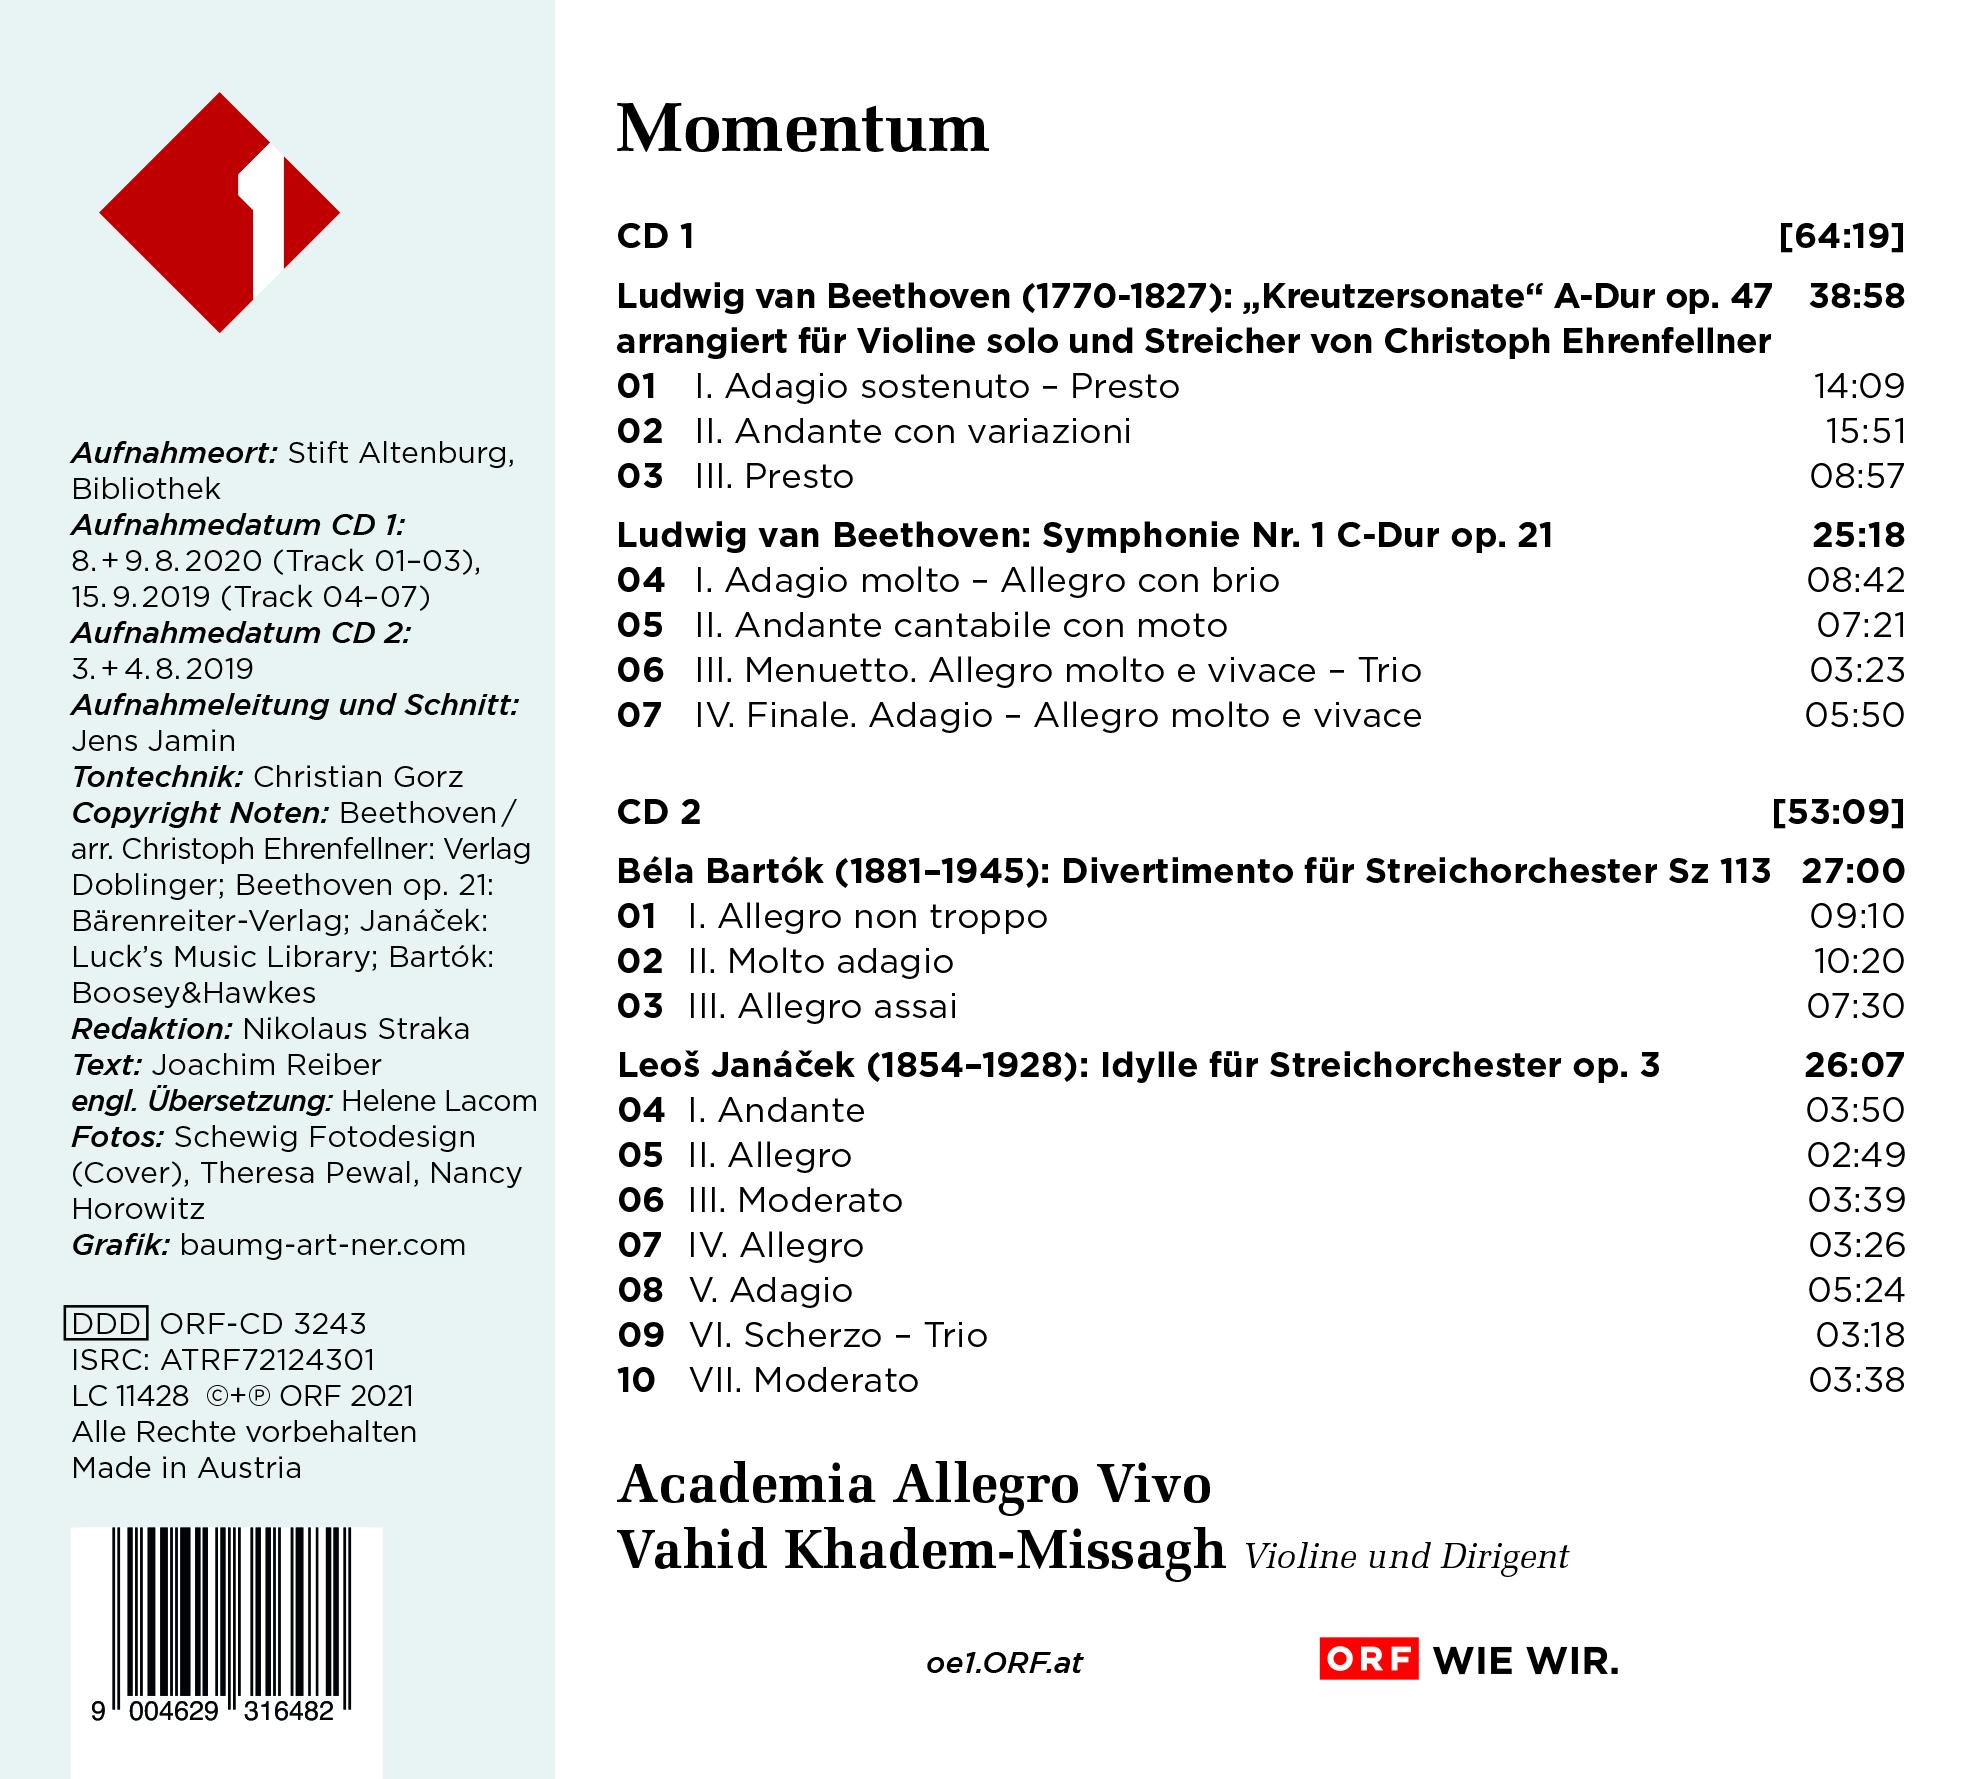 CD Momentum